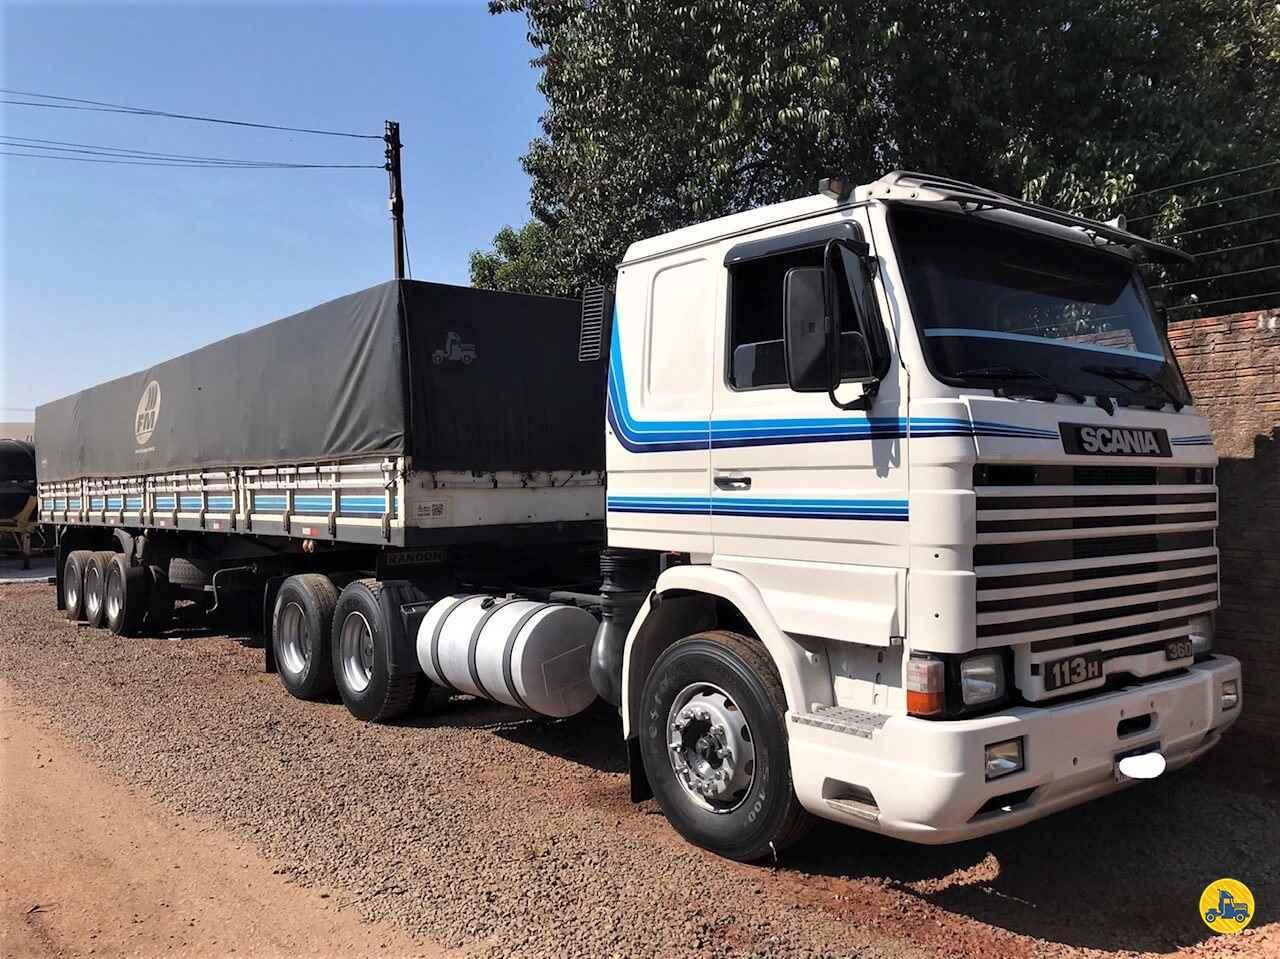 CAMINHAO SCANIA SCANIA 360 Cavalo Mecânico Truck 6x2 JK Caminhões PR SARANDI PARANÁ PR